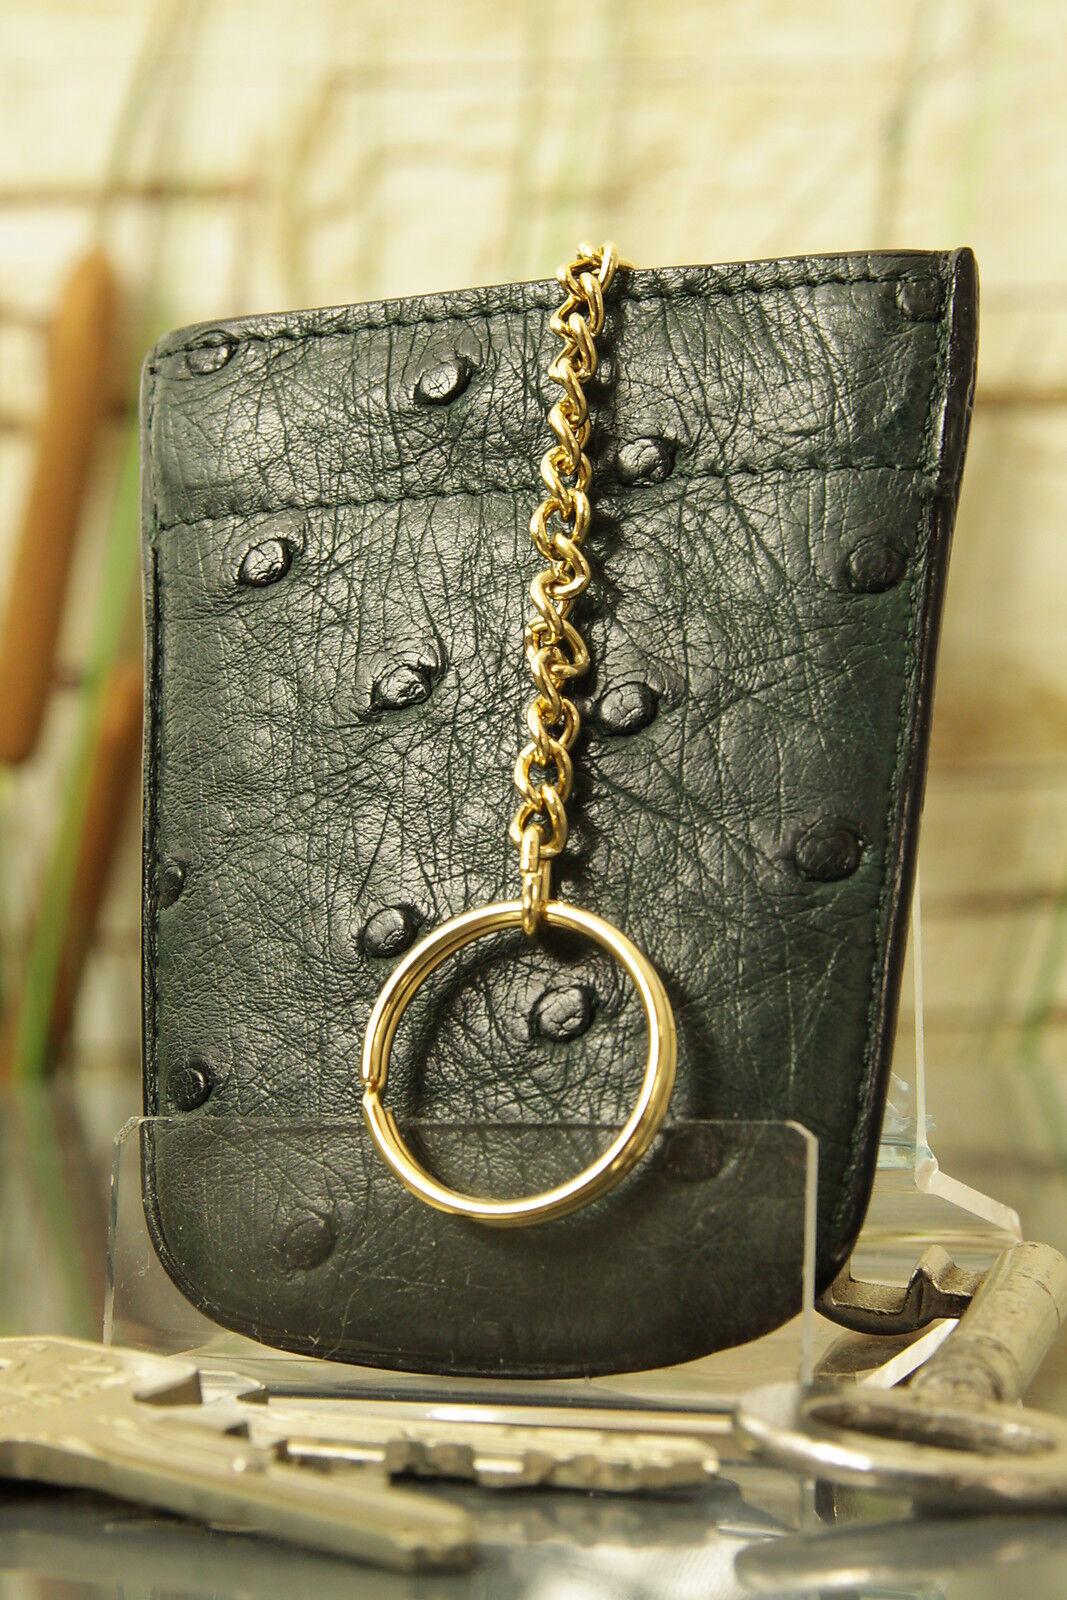 KRALLE  Schlüssel Etui, Straußen-Leder. Key case, ostrich-skin, NEW  ü3033  | Angemessene Lieferung und pünktliche Lieferung